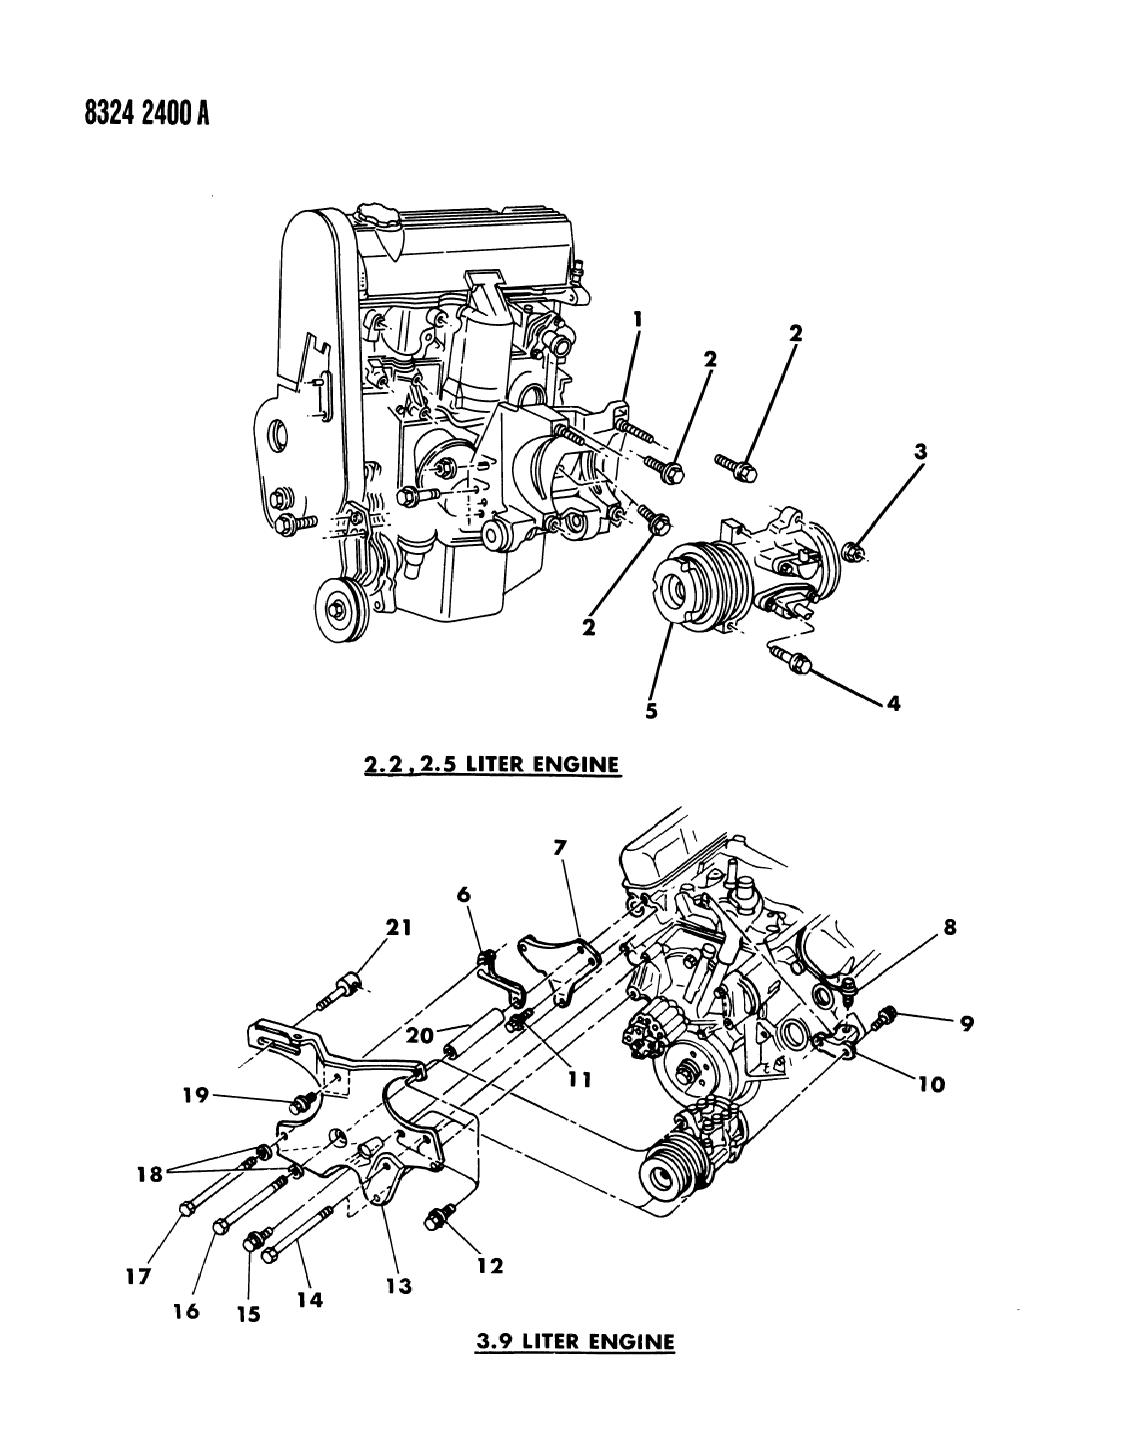 89 Dodge 3 9 Engine Diagram